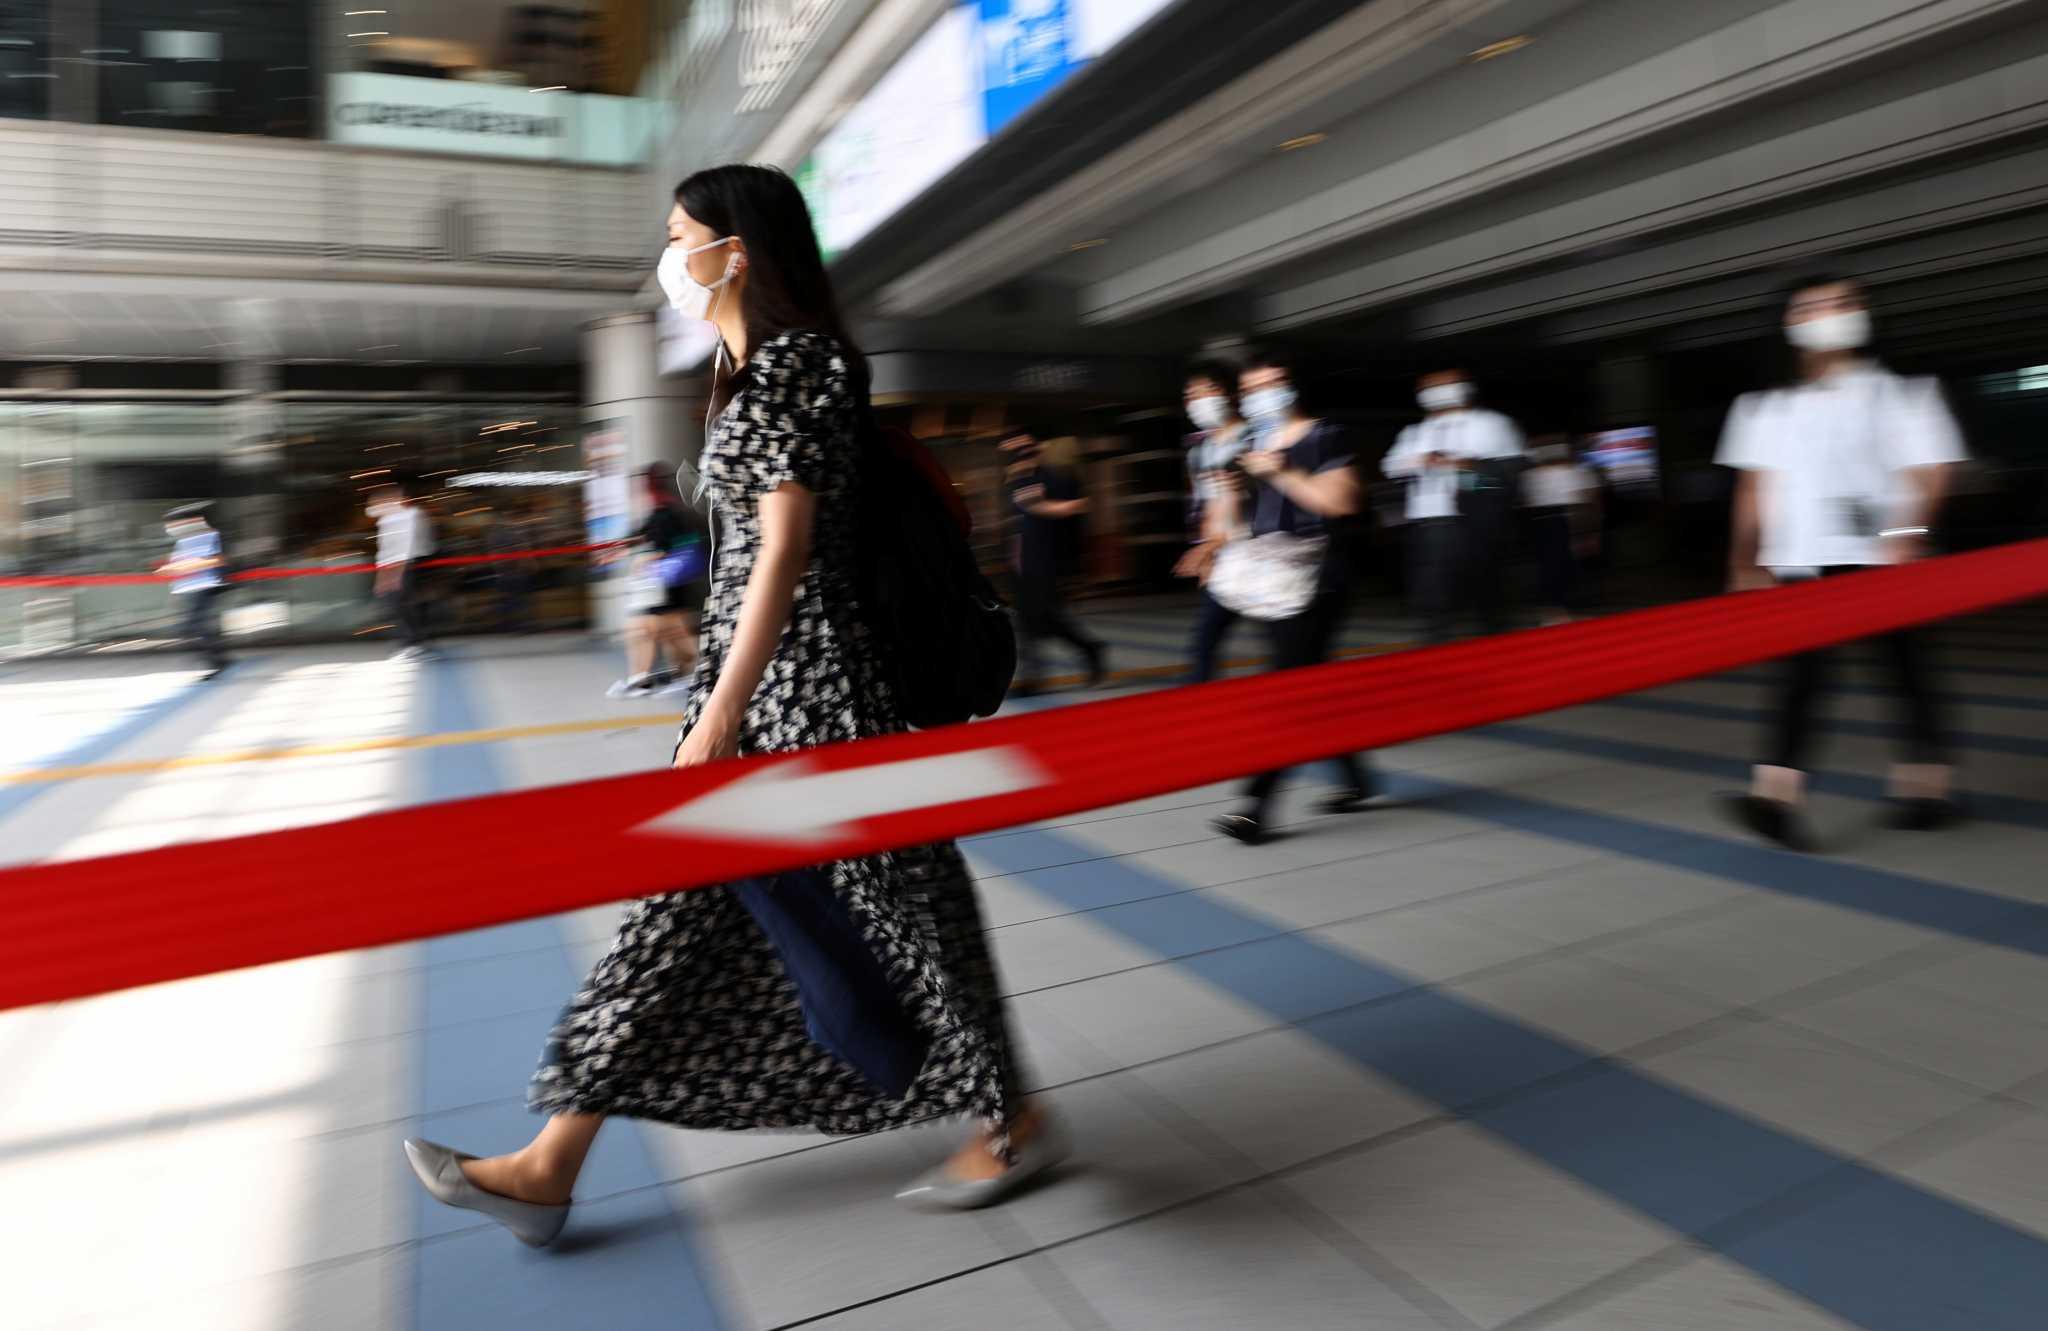 Ιαπωνία: Νέο ρεκόρ κρουσμάτων για δεύτερη συνεχόμενη μέρα στο Τόκιο με 3.177 μολύνσεις